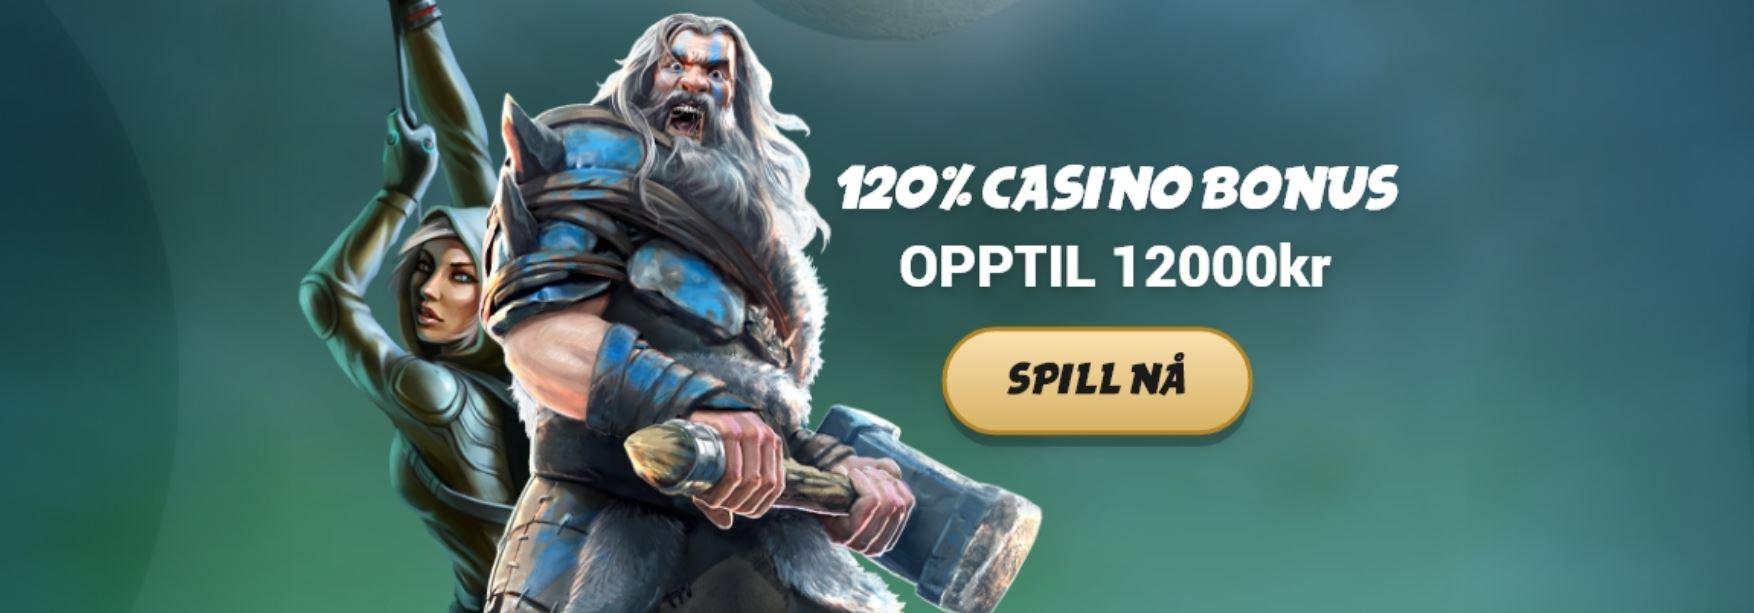 svenbet casino bonus